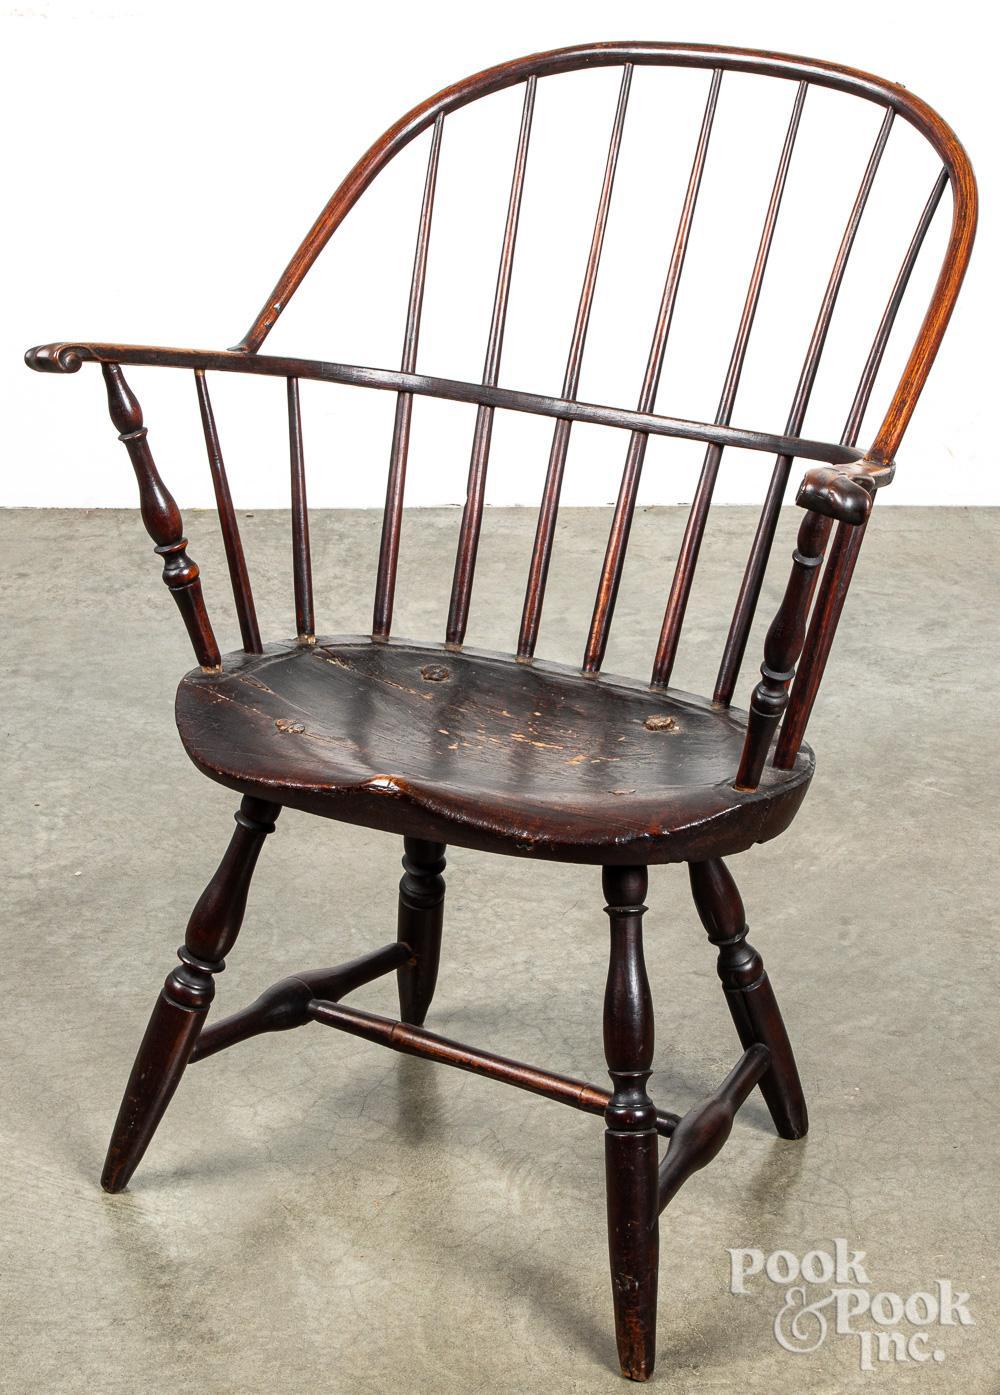 Pennsylvania sackback knuckle arm Windsor chair